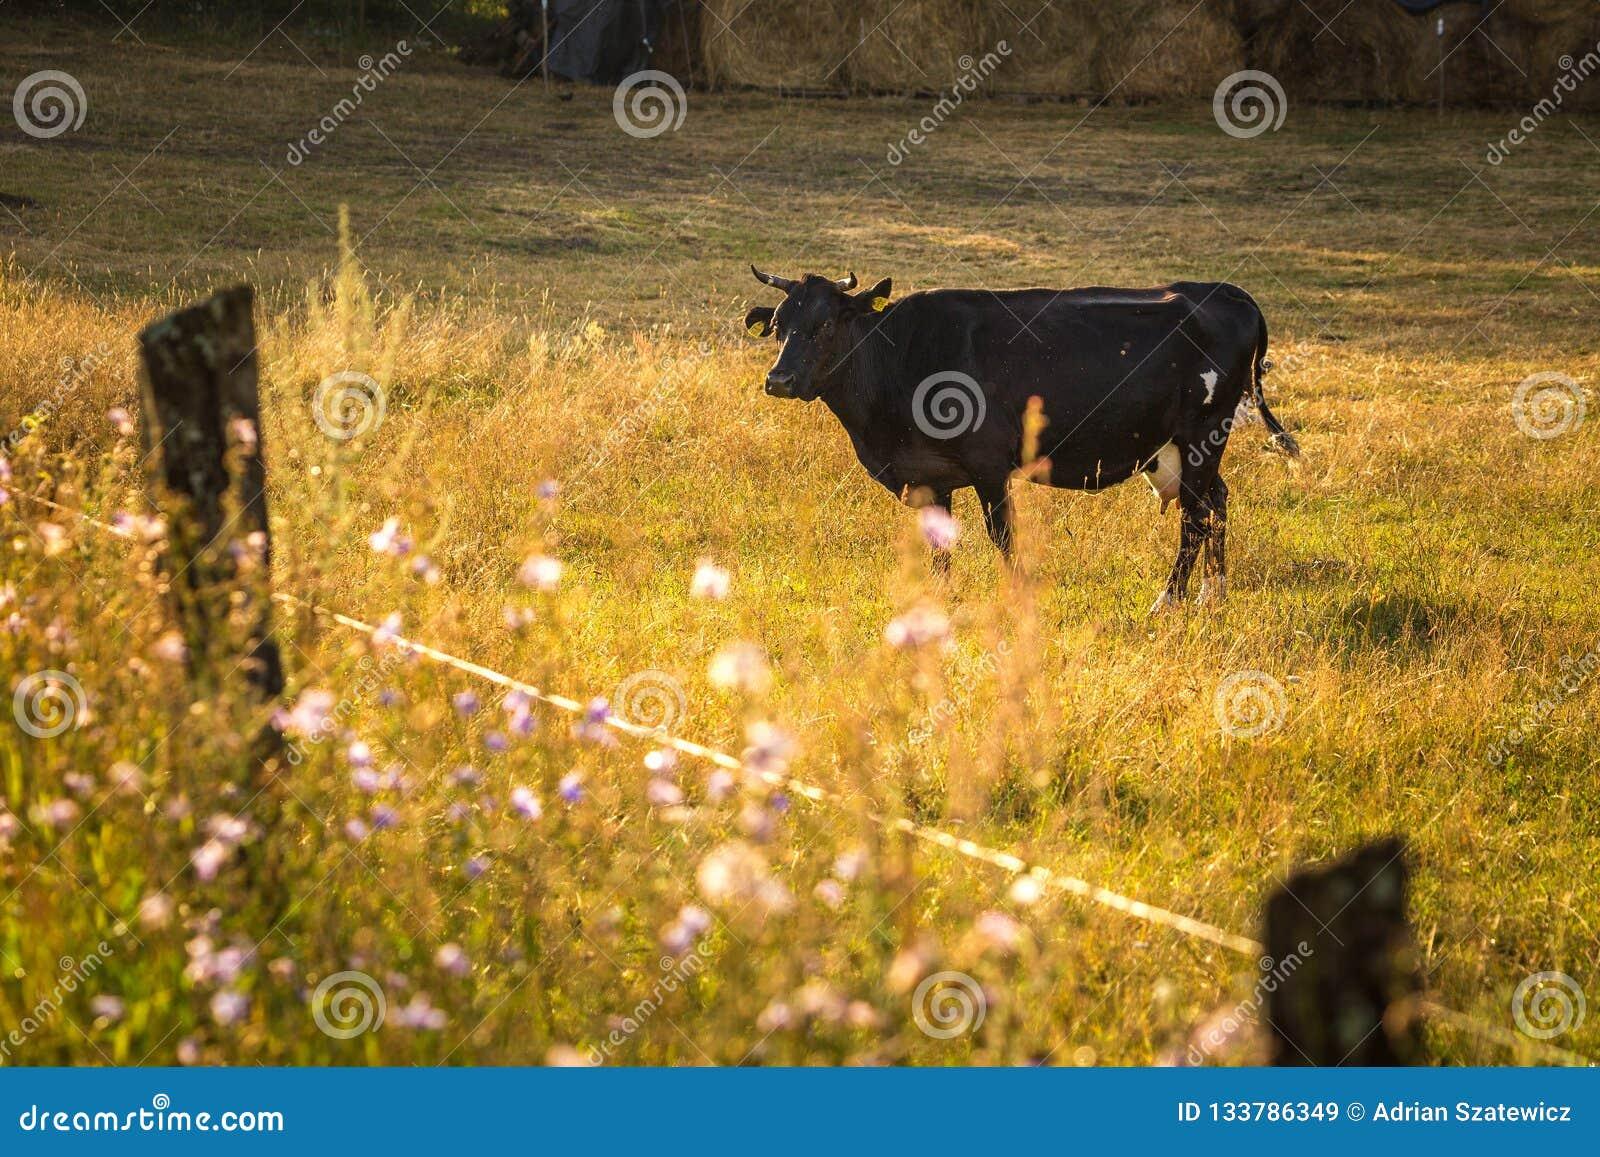 Οι αγελάδες στον τομέα, γυαλίζουν το αγροτικό τοπίο, αργά το βράδυ χρυσό λ